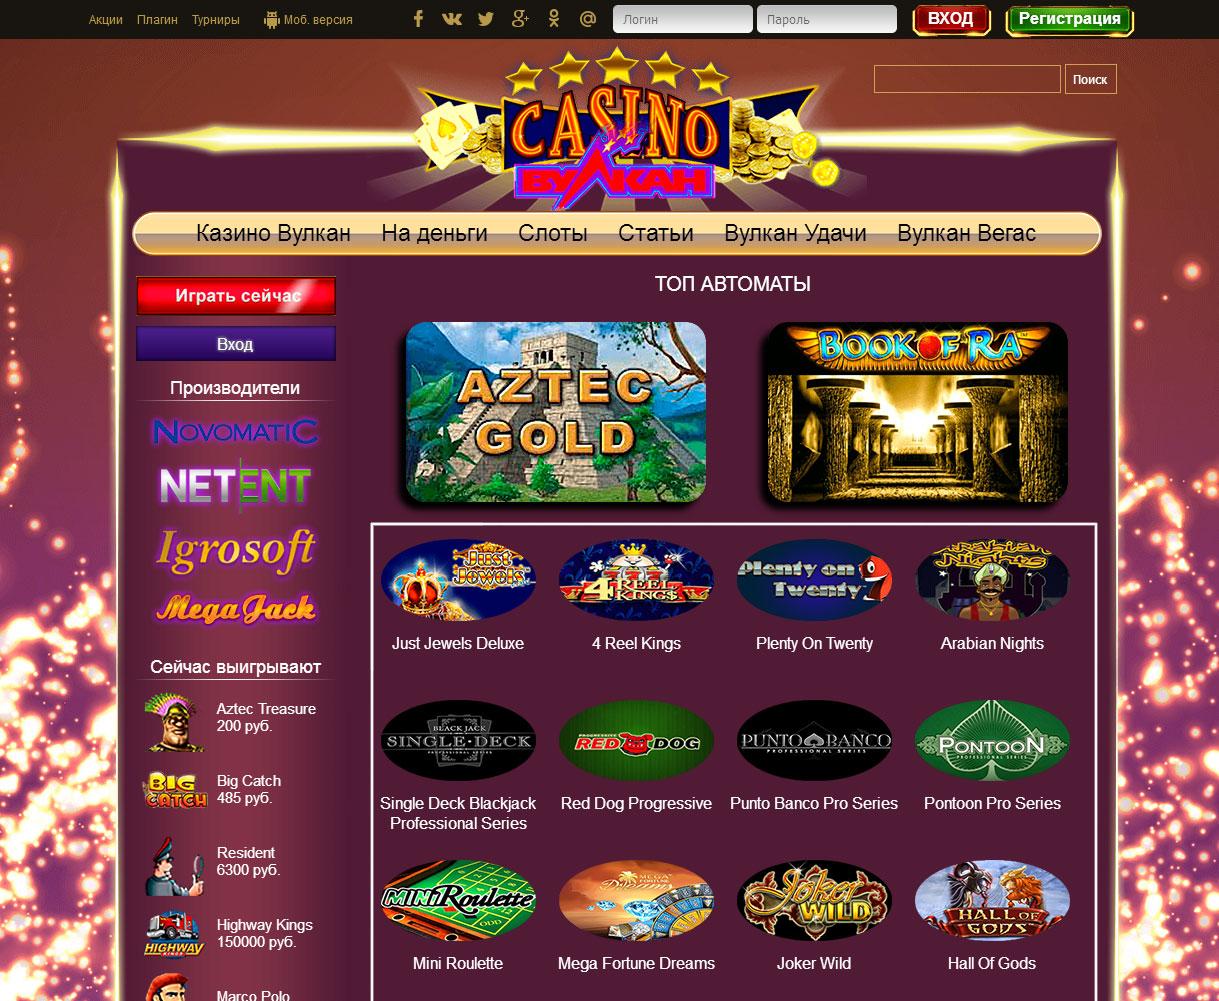 Казино Вулкан — клуб игровых автоматов онлайн